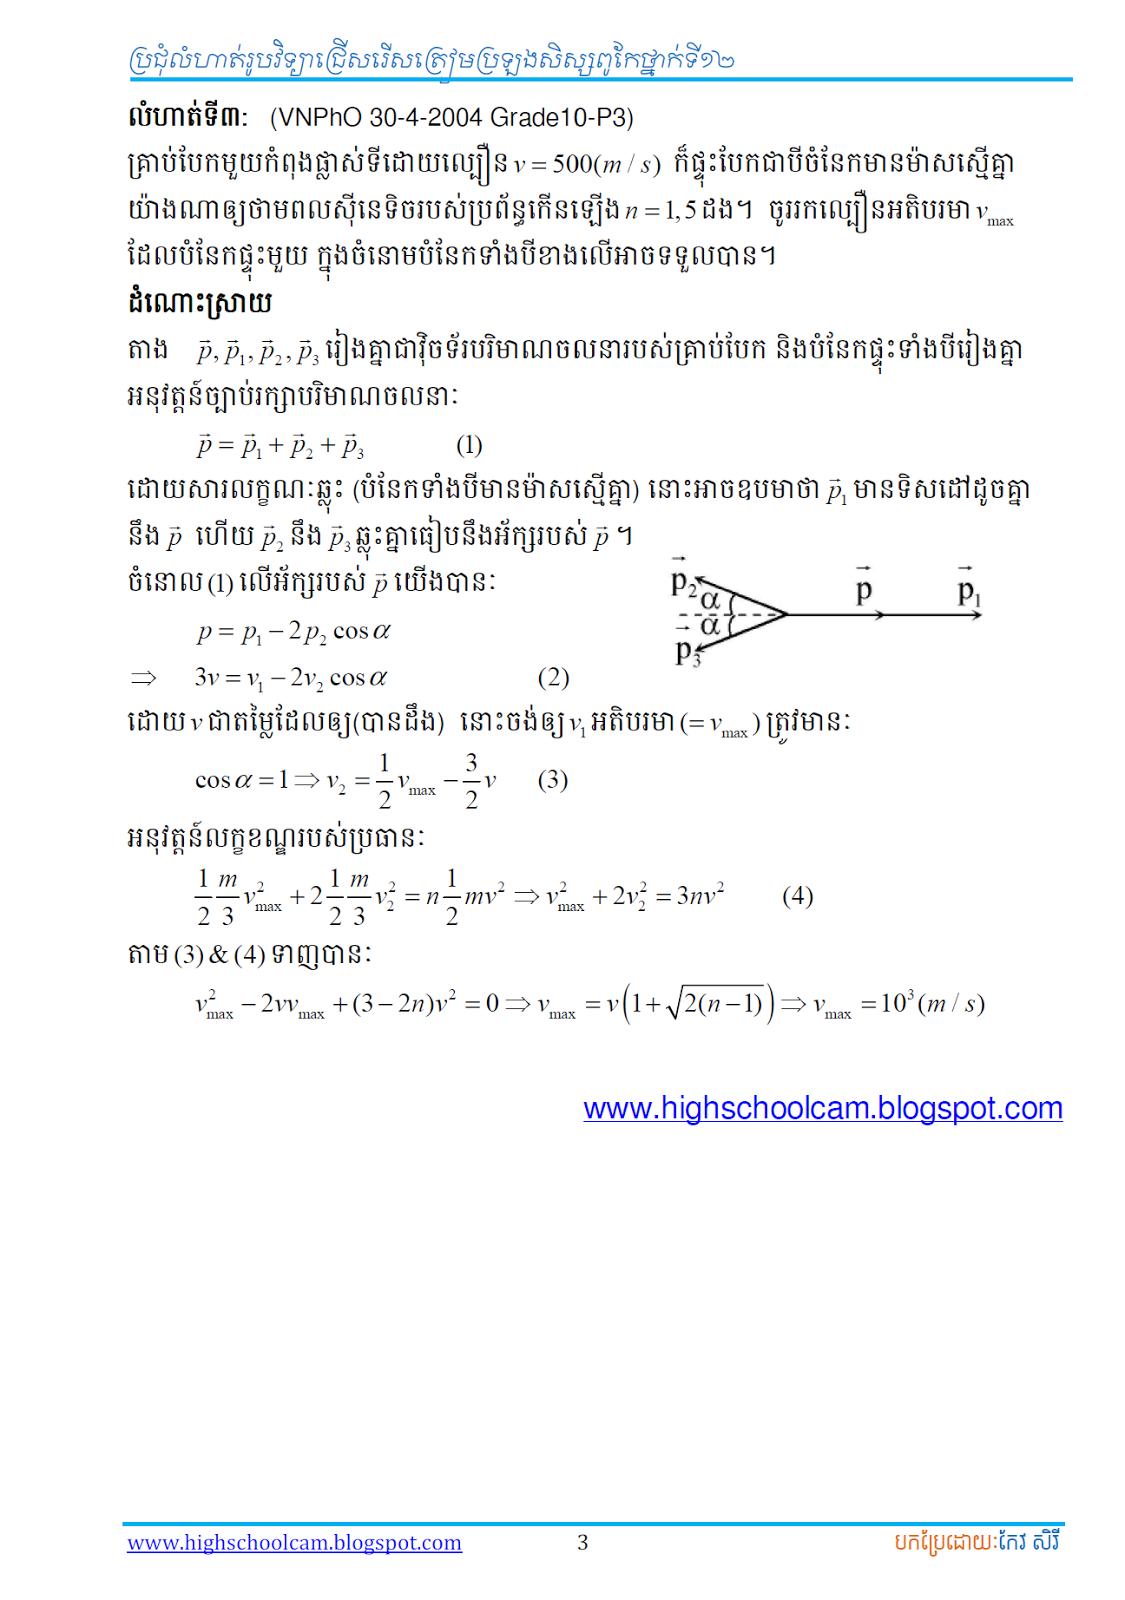 Blog For High School Physics Exercise 24 Vnpho 30 4